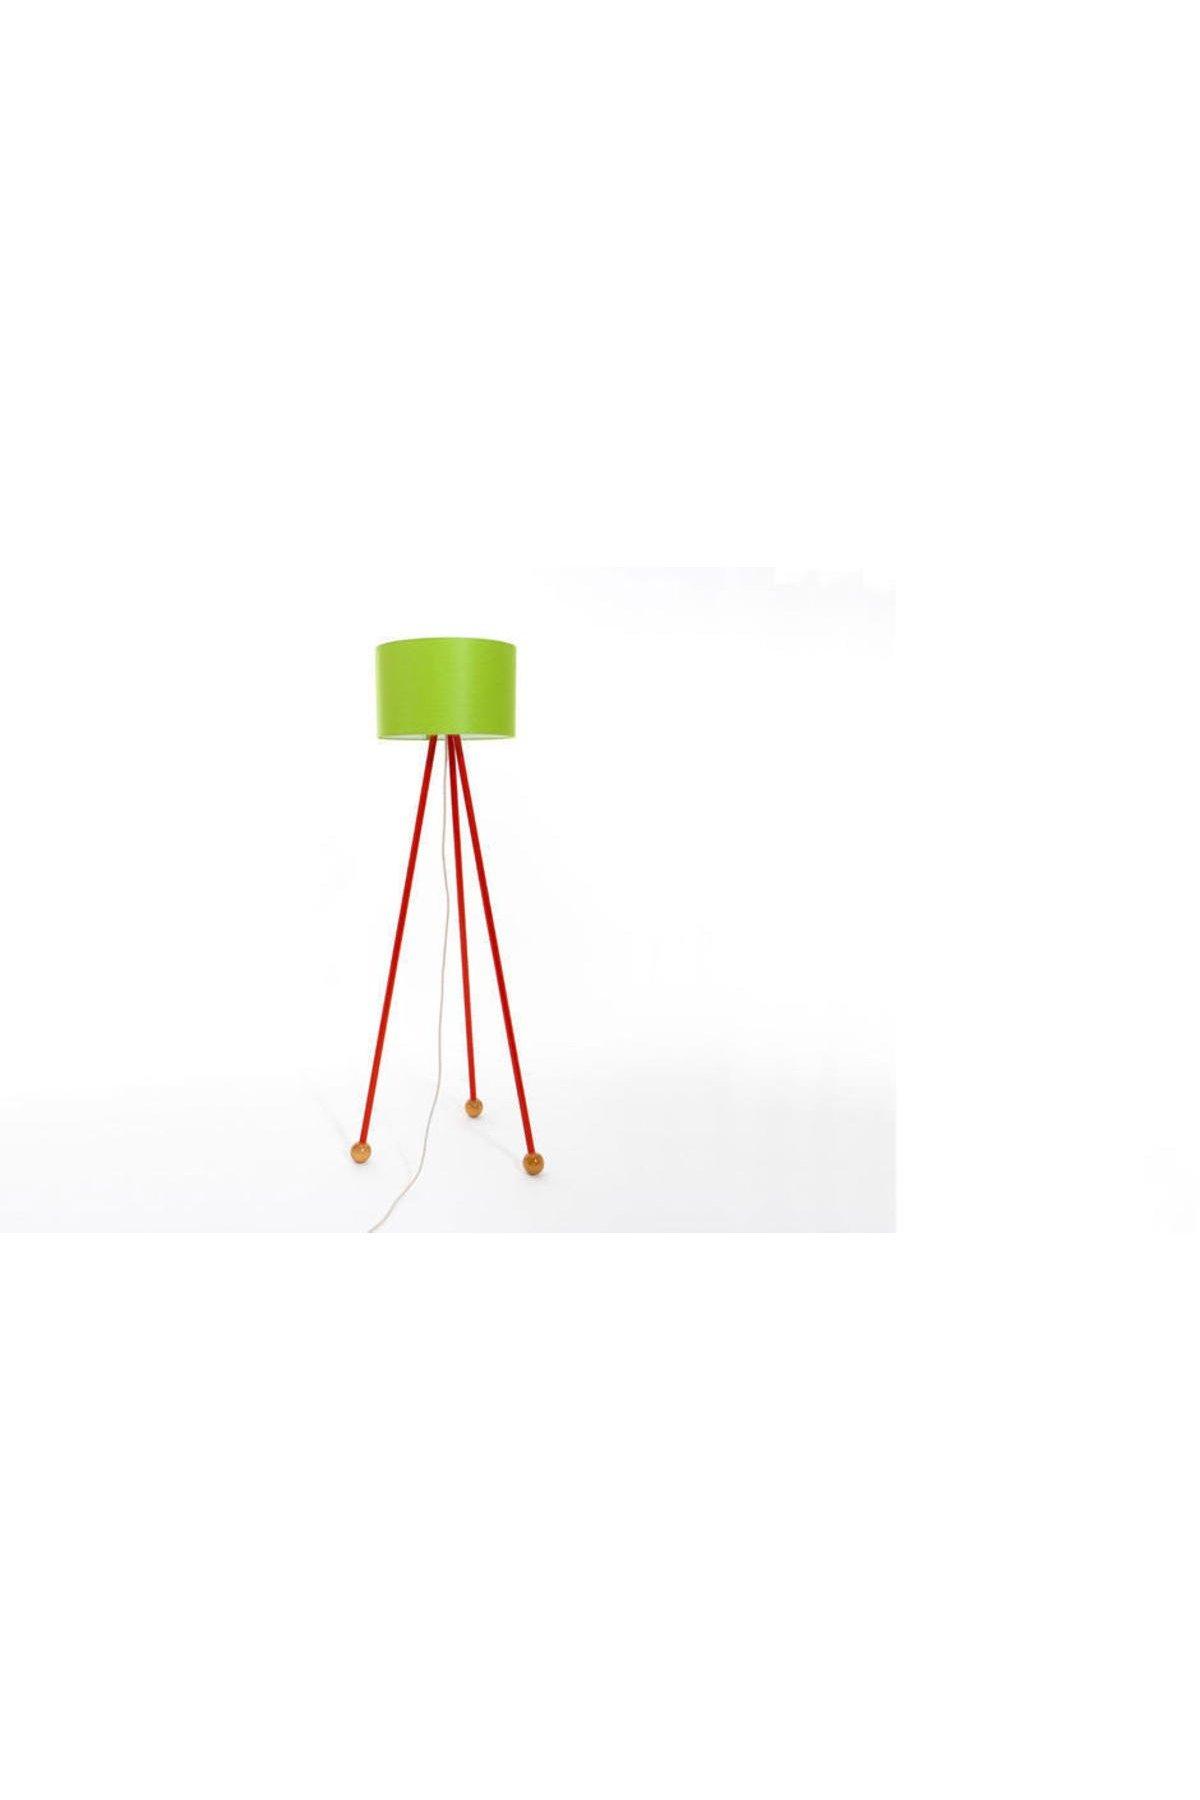 Morello Lambader Gövde Kırmızı  Silindir Şapka Yeşil